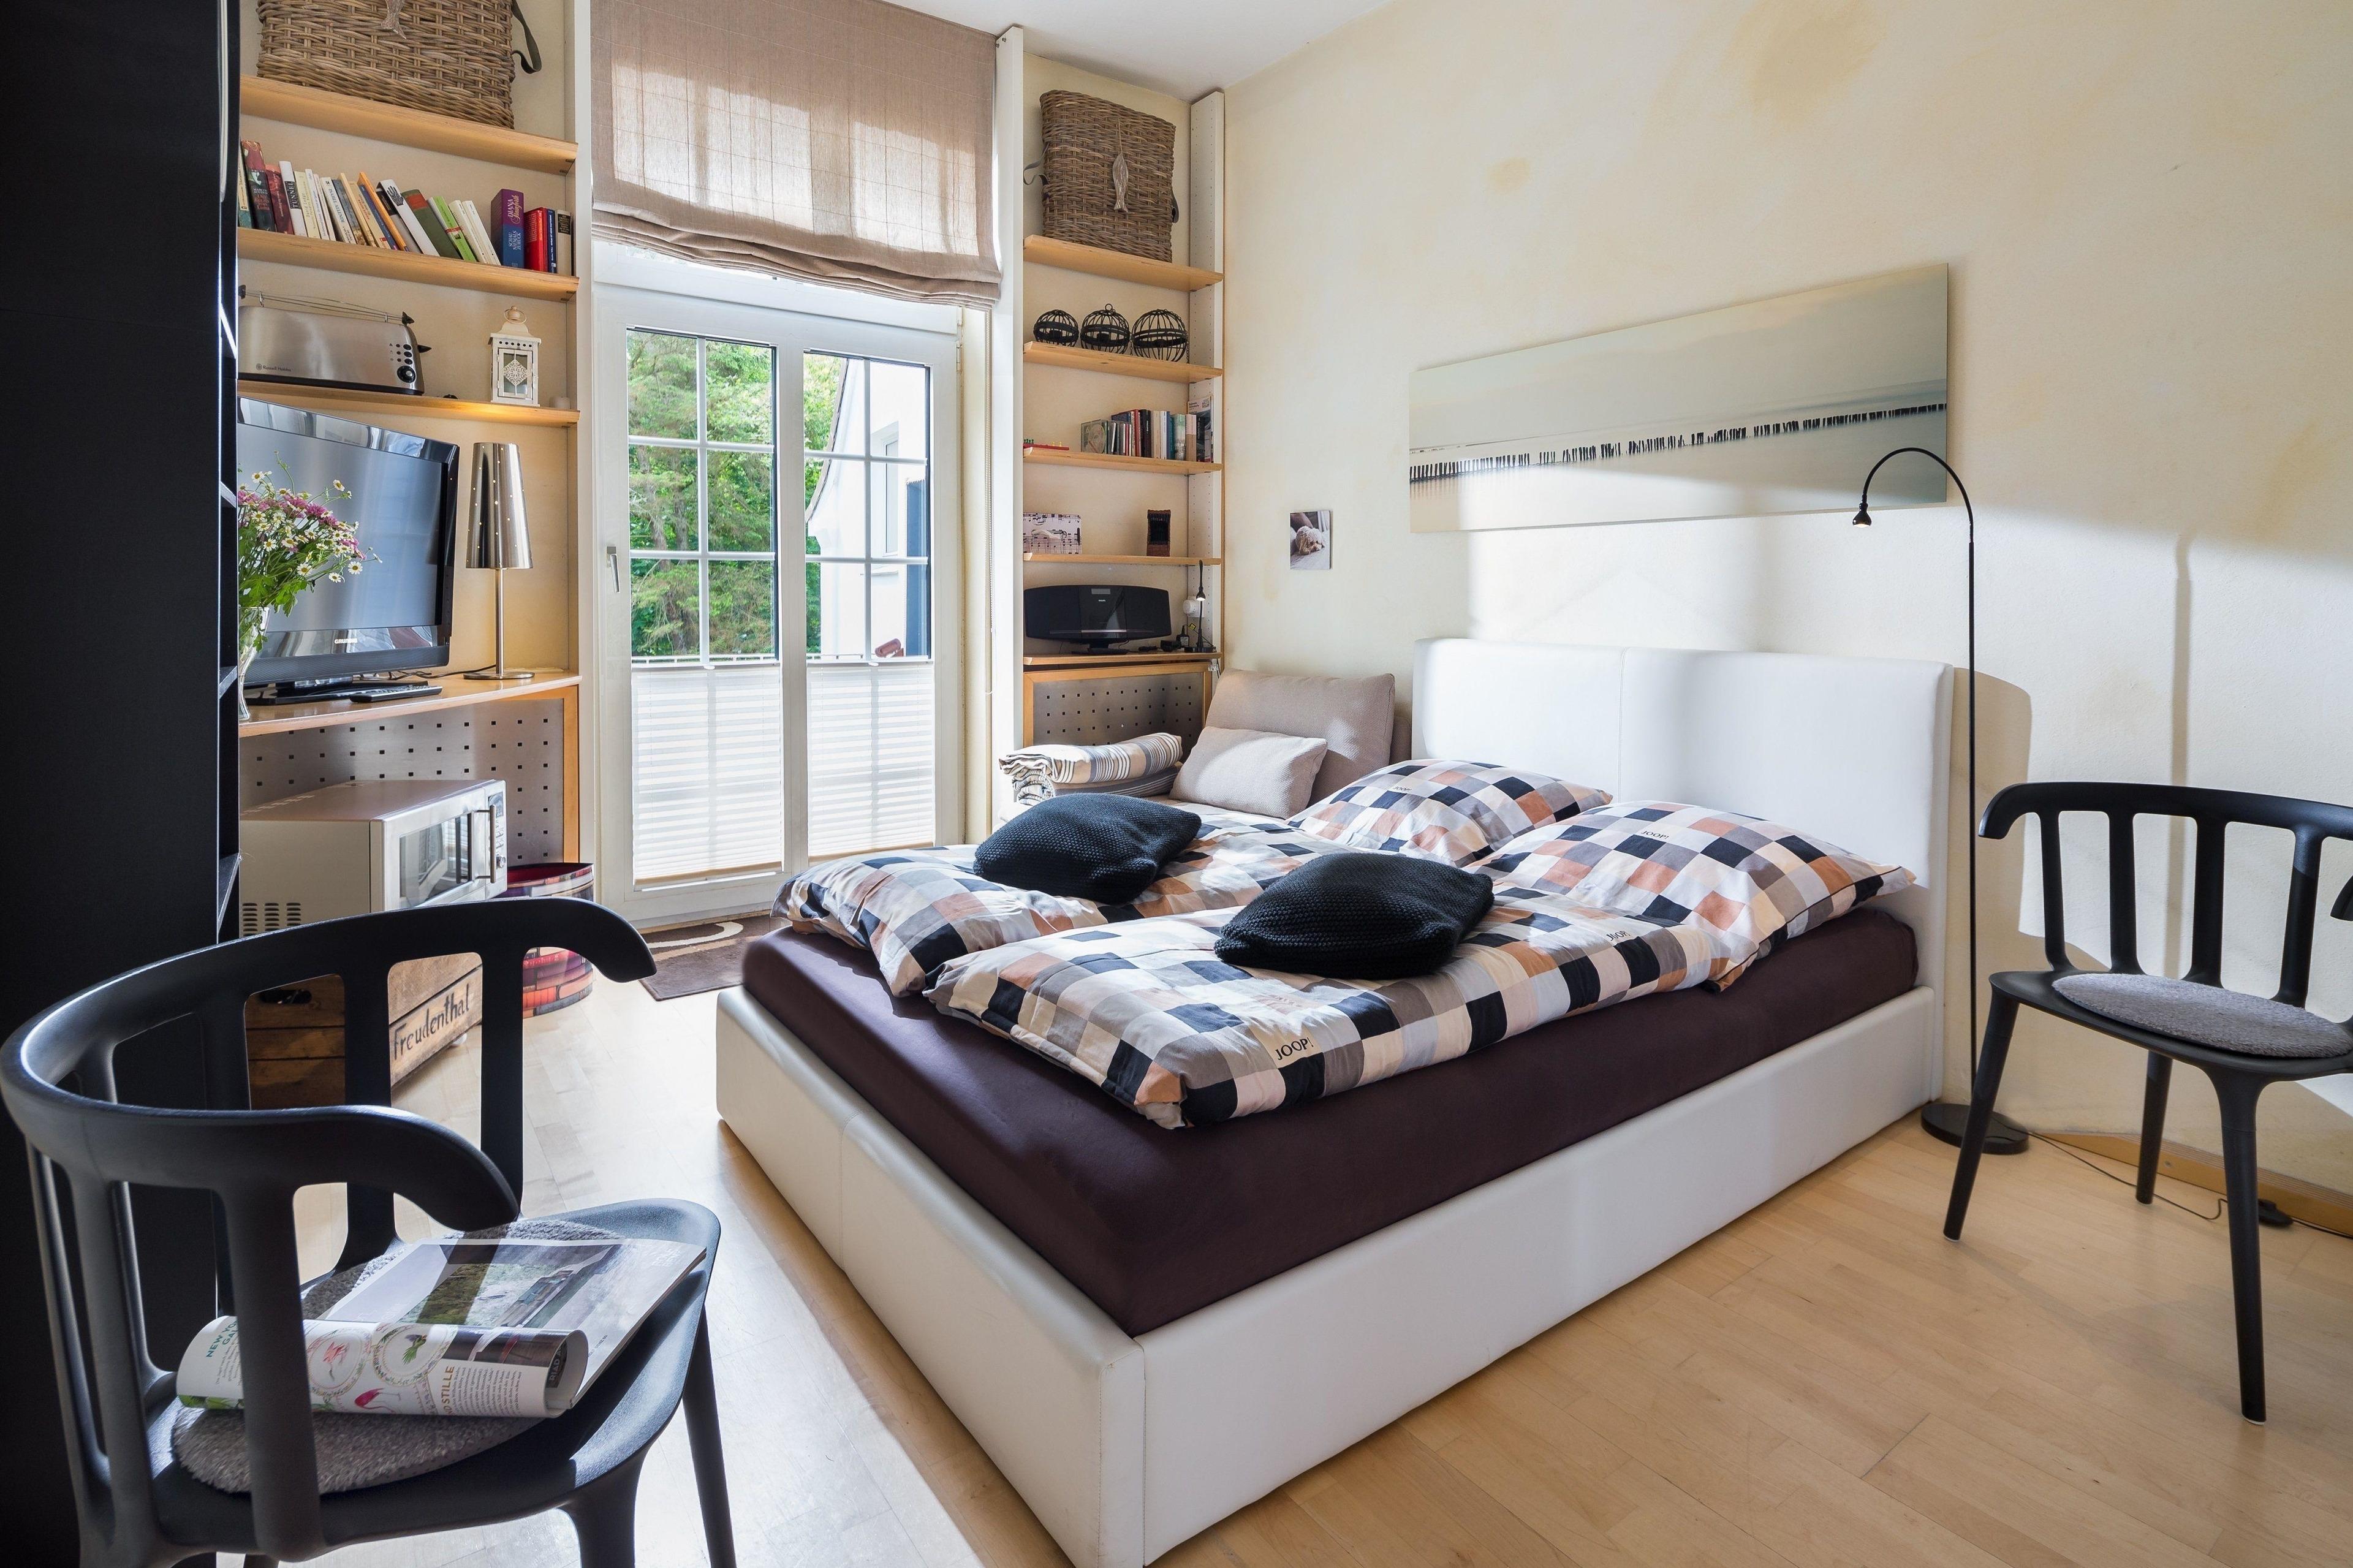 Appartement 24 Ferienwohnung in Ostfriesland